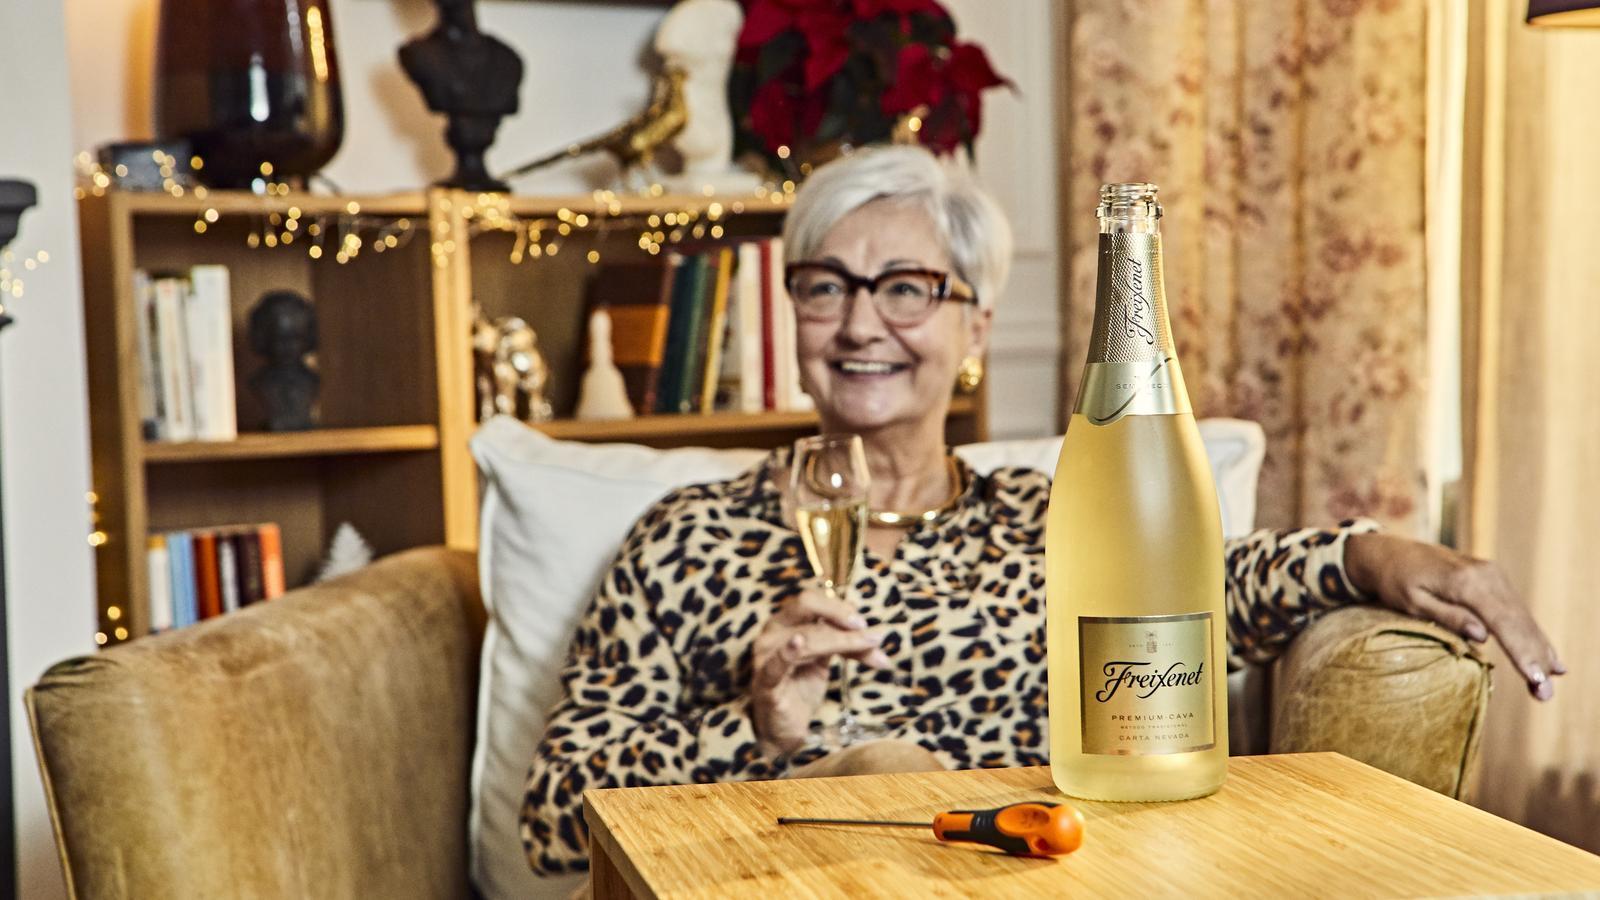 Una imatge de l'anunci de Freixenet per a aquest Nadal.